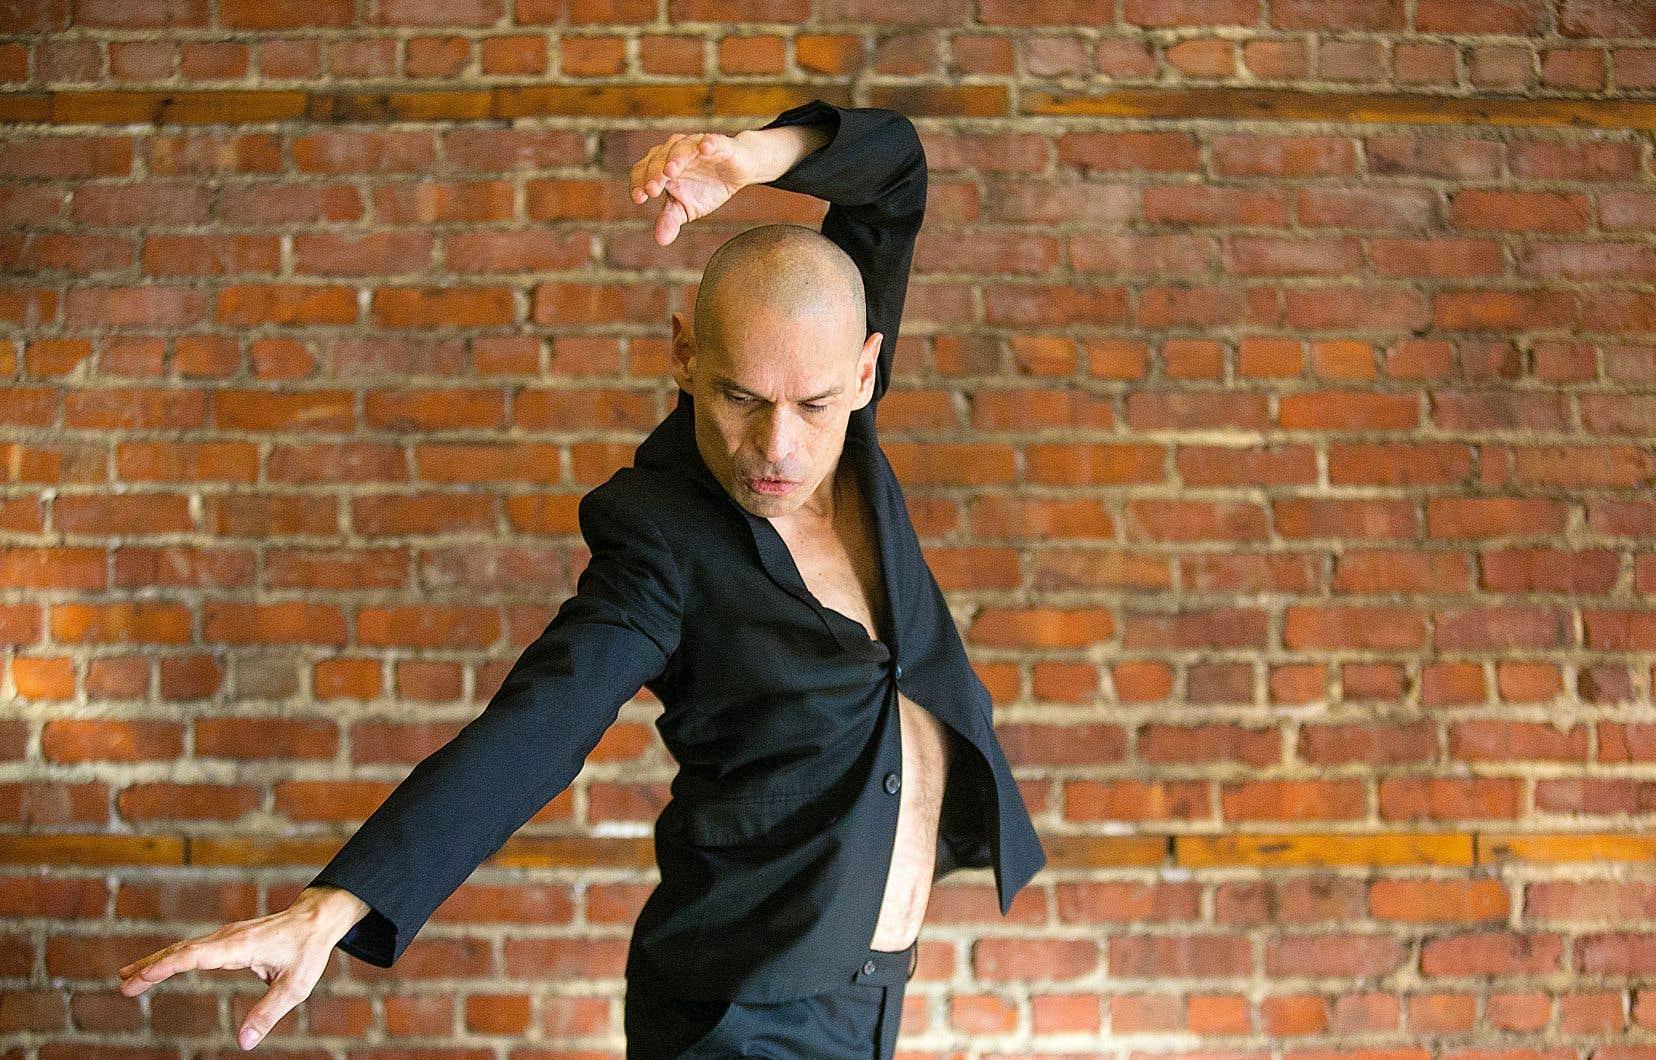 En voulant danser une phrase, une idée ou un mot, on s'aperçoit que le côté technique devient accessoire, explique José Navas. «Le défi principal, c'est de trouver une façon de donner cette idée d'ondulation, d'abandon, de tristesse, de suicide, etc. On se regarde moins de l'extérieur pour se demander si on danse bien, si nos lignes sont propres; tout ça devient secondaire.»